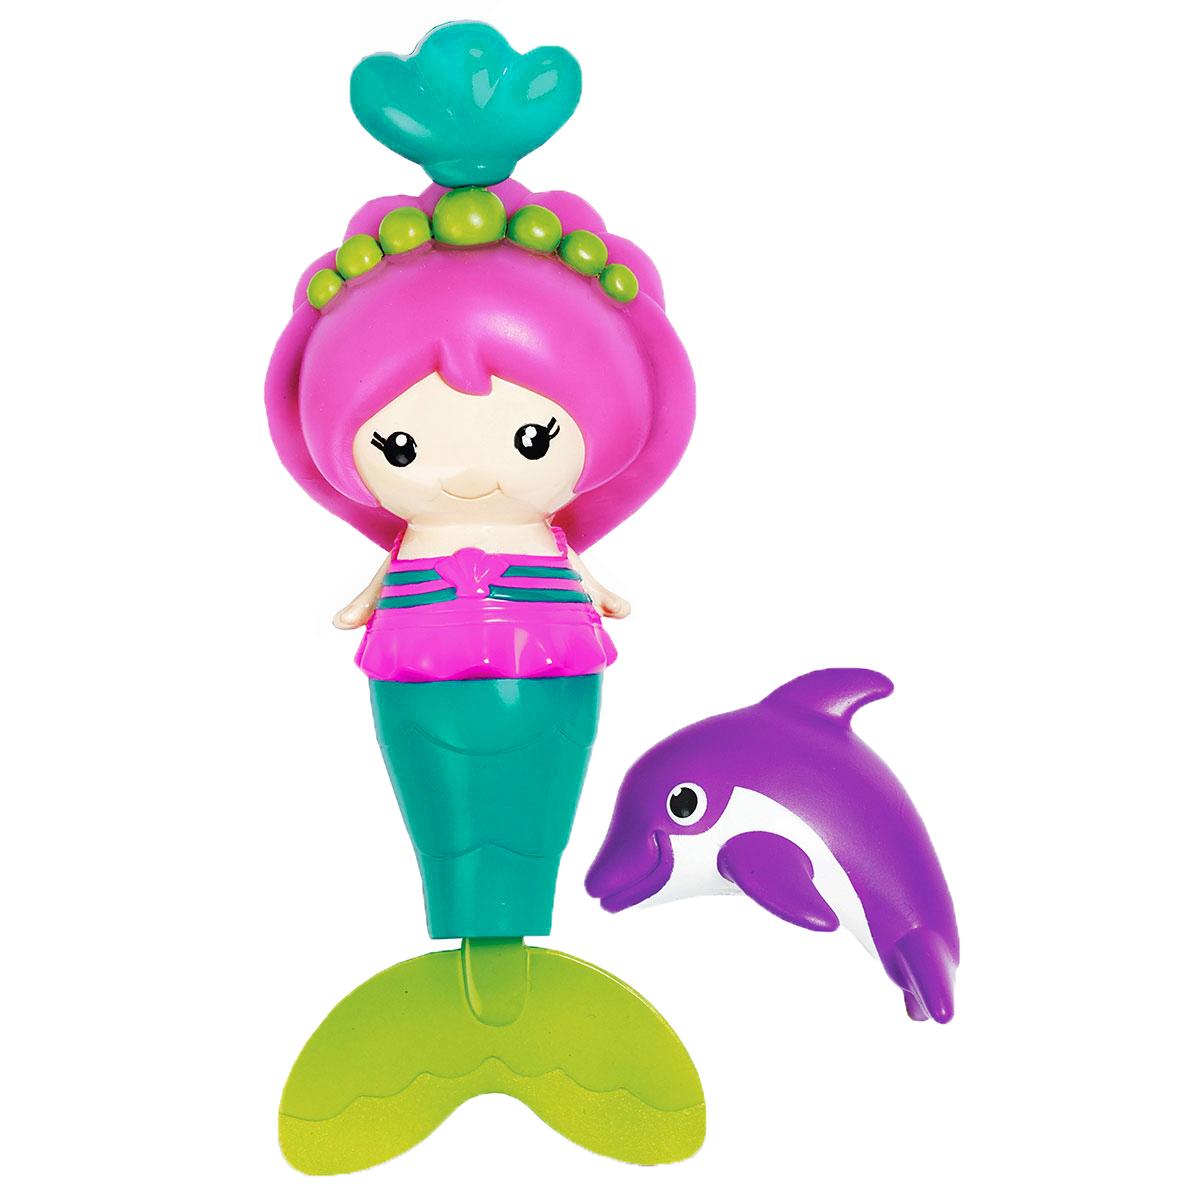 Munchkin Игрушка для ванны Русалочка с дельфином11420_дельфинИгрушка для ванны Munchkin Русалочка с дельфином привлечет внимание вашей малышки и превратит купание в веселую игру. Ребенка ждет настоящее подводное путешествие с этой красочной русалкой, которая действительно умеет плавать. Стоит только потянуть за кулон на короне, как ее хвост начнет двигаться, и она будет плавать по всей ванной, до тех пор, пока кулон не вернется в исходное положение. В комплект с русалочкой входит игрушка- брызгалка в виде ее маленького друга - дельфинчика. Если в игрушку сначала набрать воды, а затем нажать на нее, то из нее брызнет тонкая струйка воды, что, несомненно, позабавит малышку. Игрушка для ванны Munchkin Русалочка с дельфином способствует развитию воображения, цветового восприятия, тактильных ощущений и мелкой моторики рук.